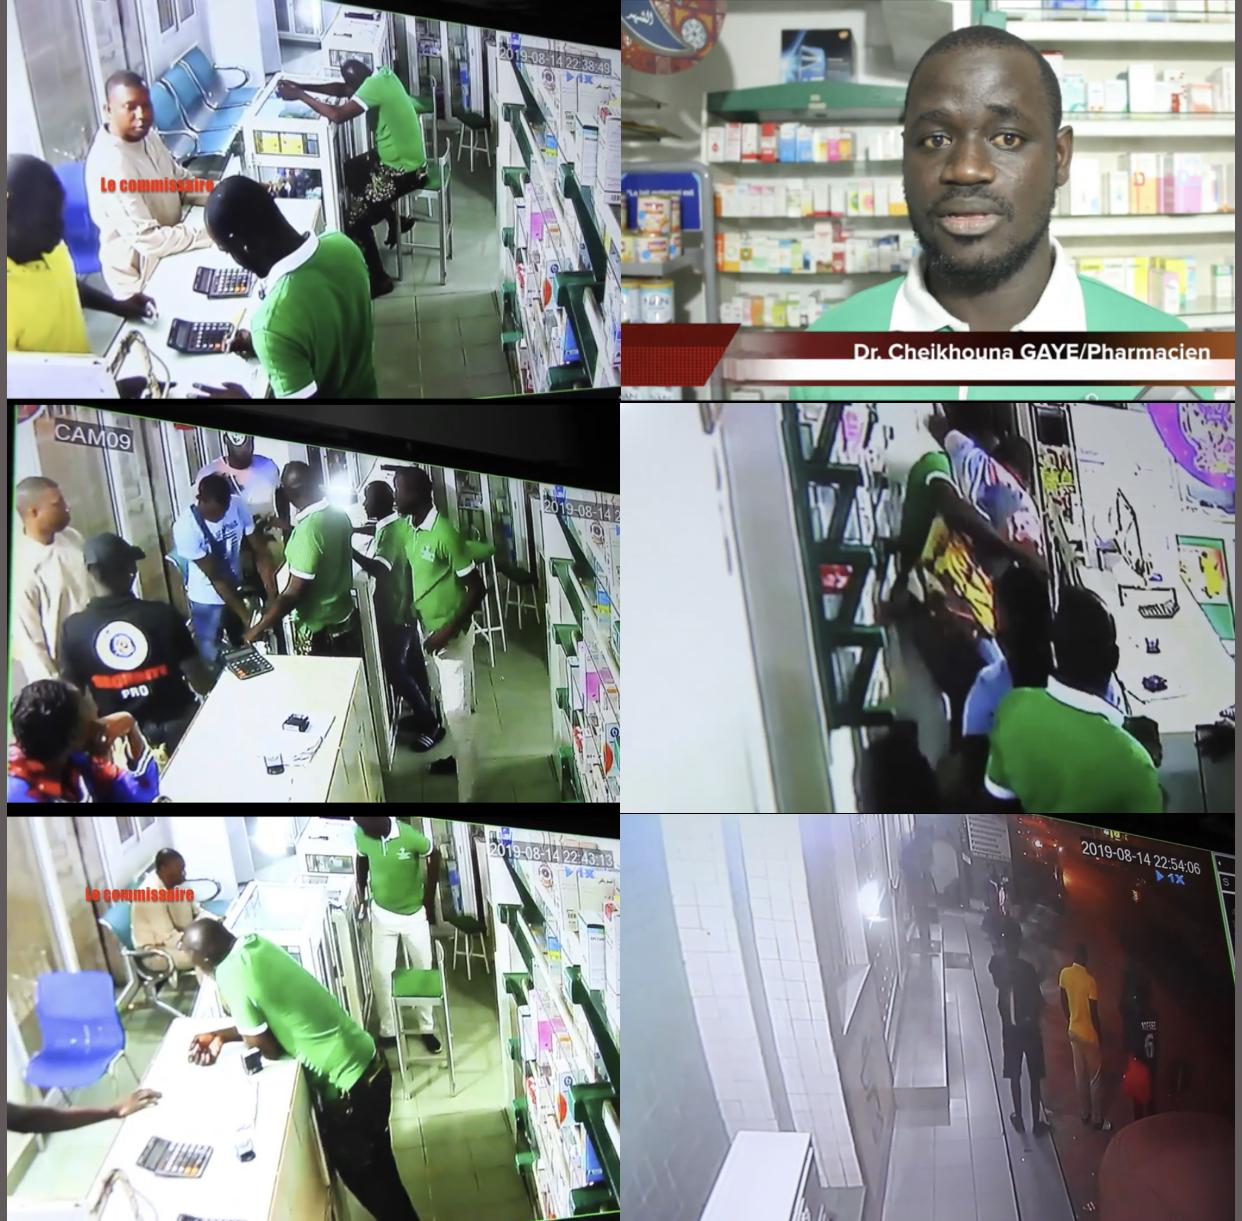 Violences sur le pharmacien Dr Cheikhouna Gaye : Bara Sankharé alias « Cobra » relevé de ses fonctions, la police des polices ouvre une enquête.